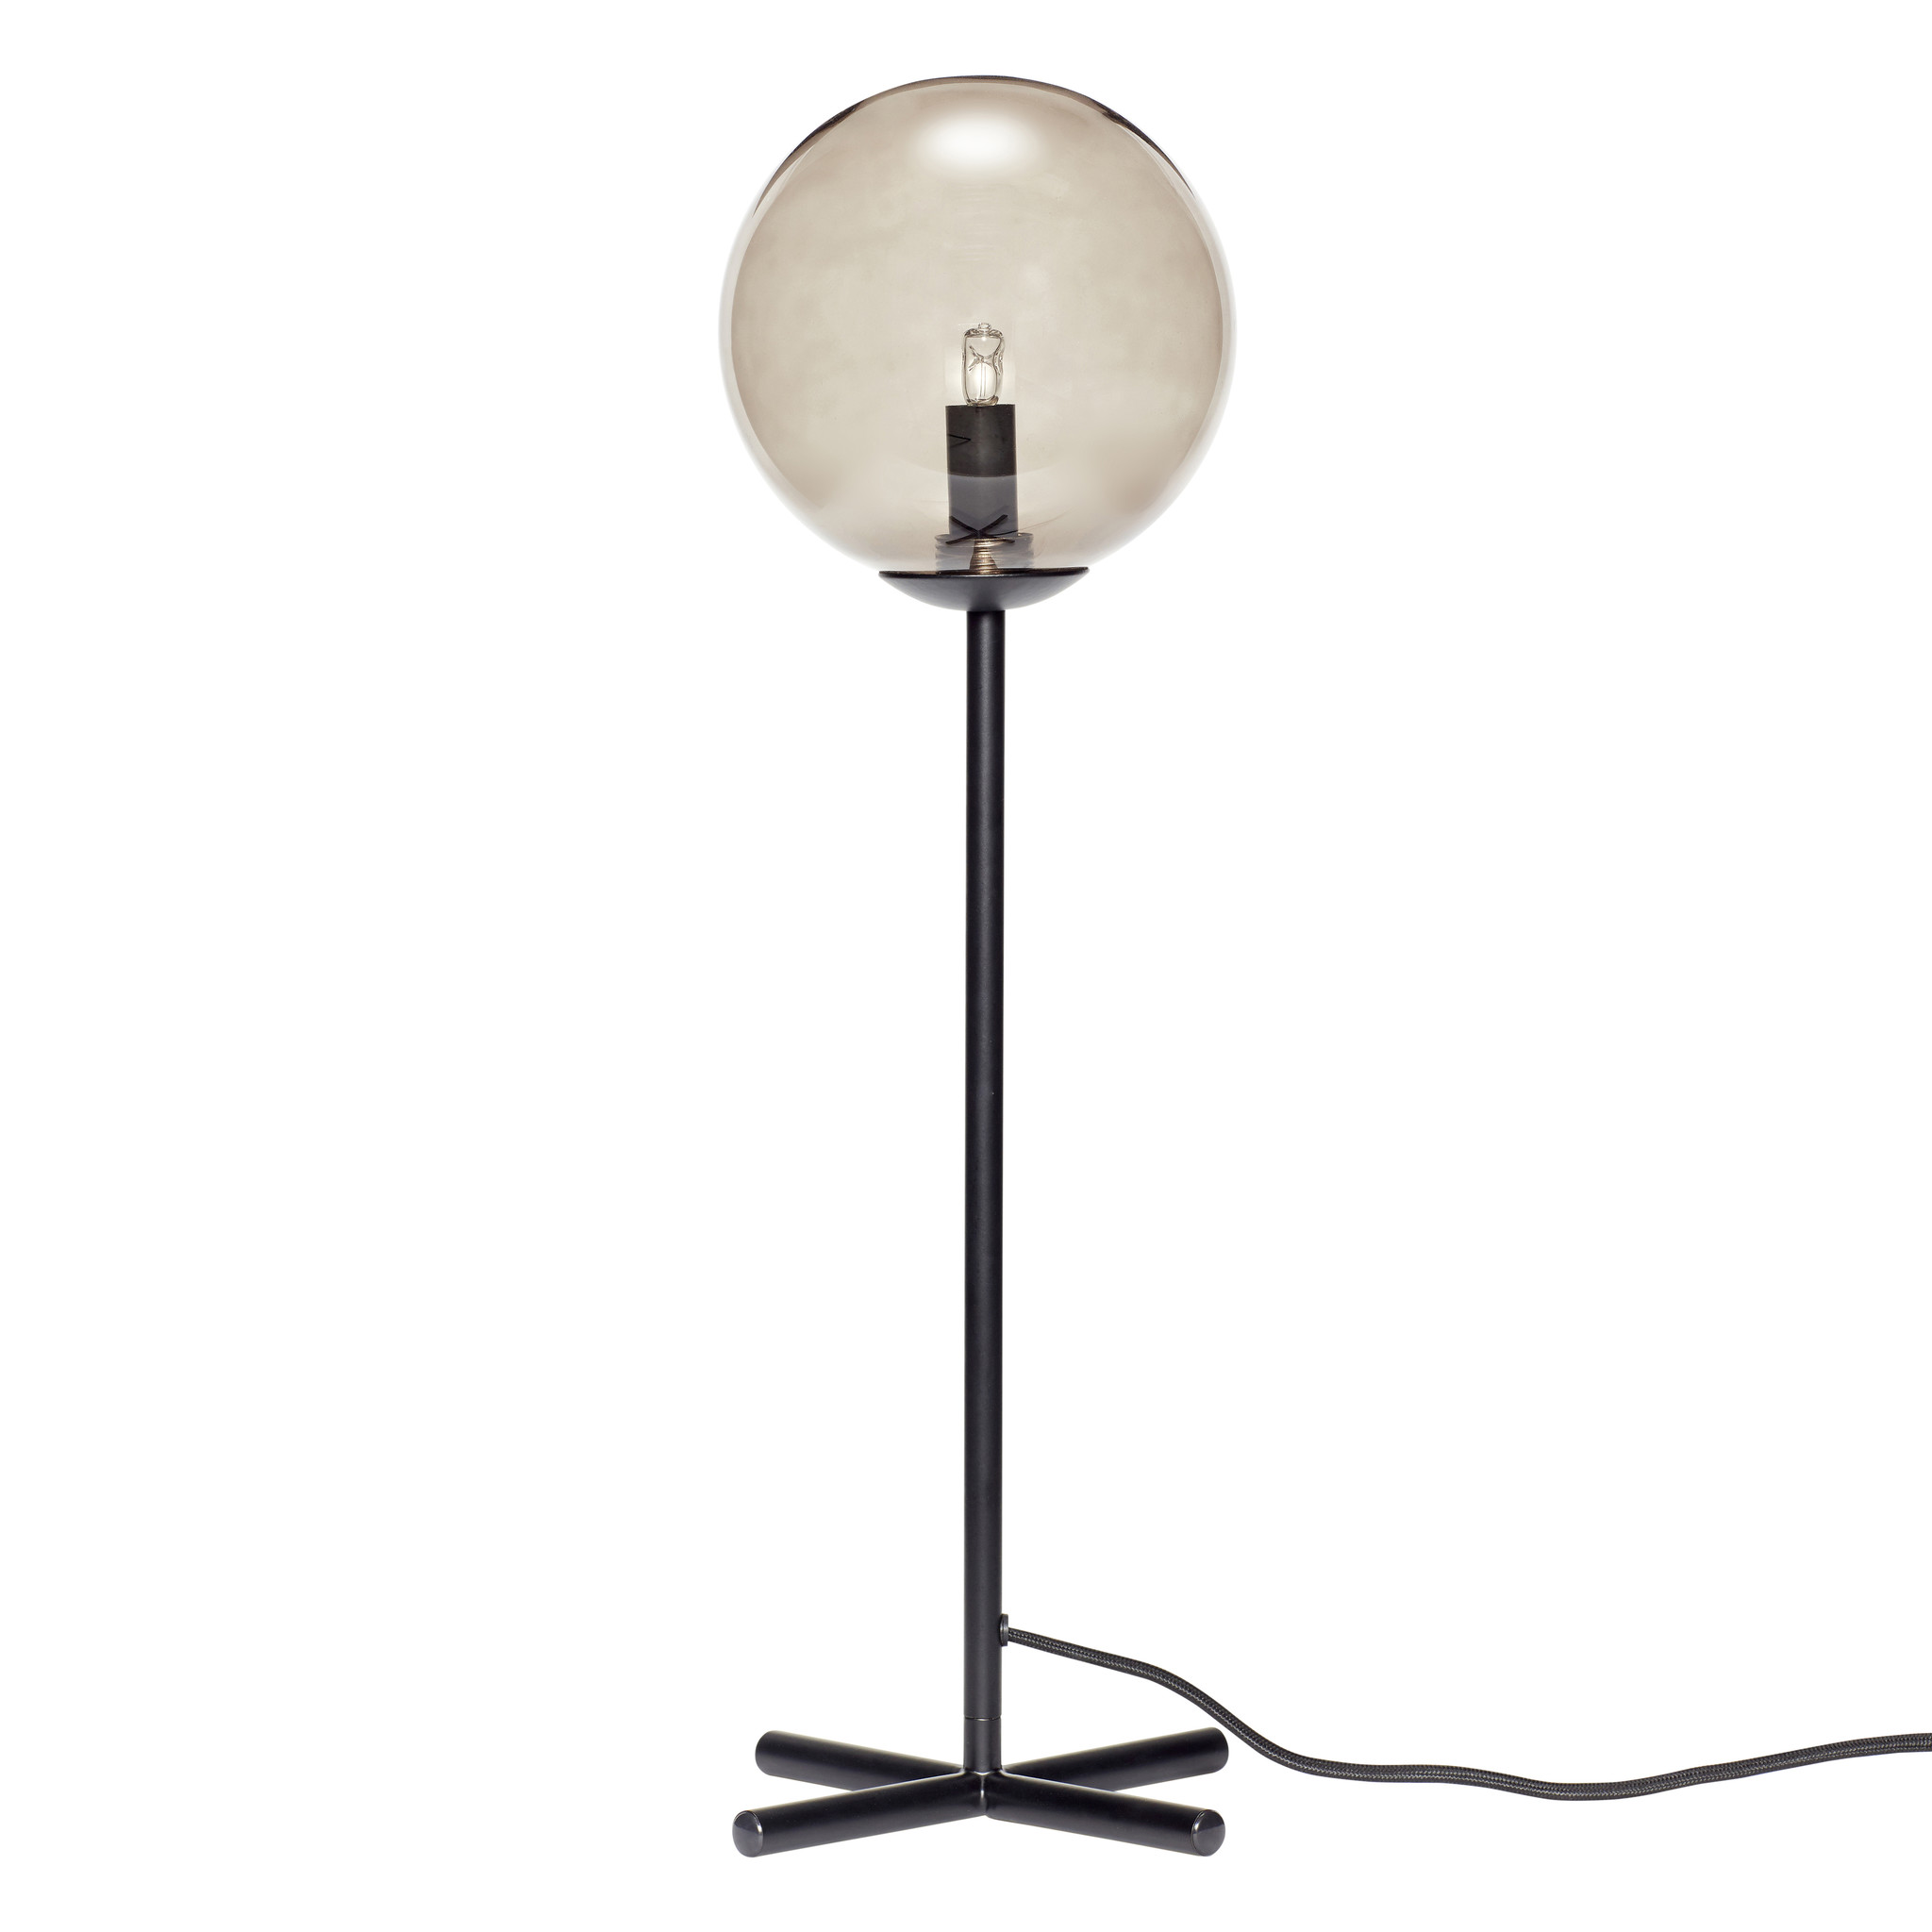 Hubsch Tafellamp met lamp, metaal, zwart / gerookt-890704-5712772066096